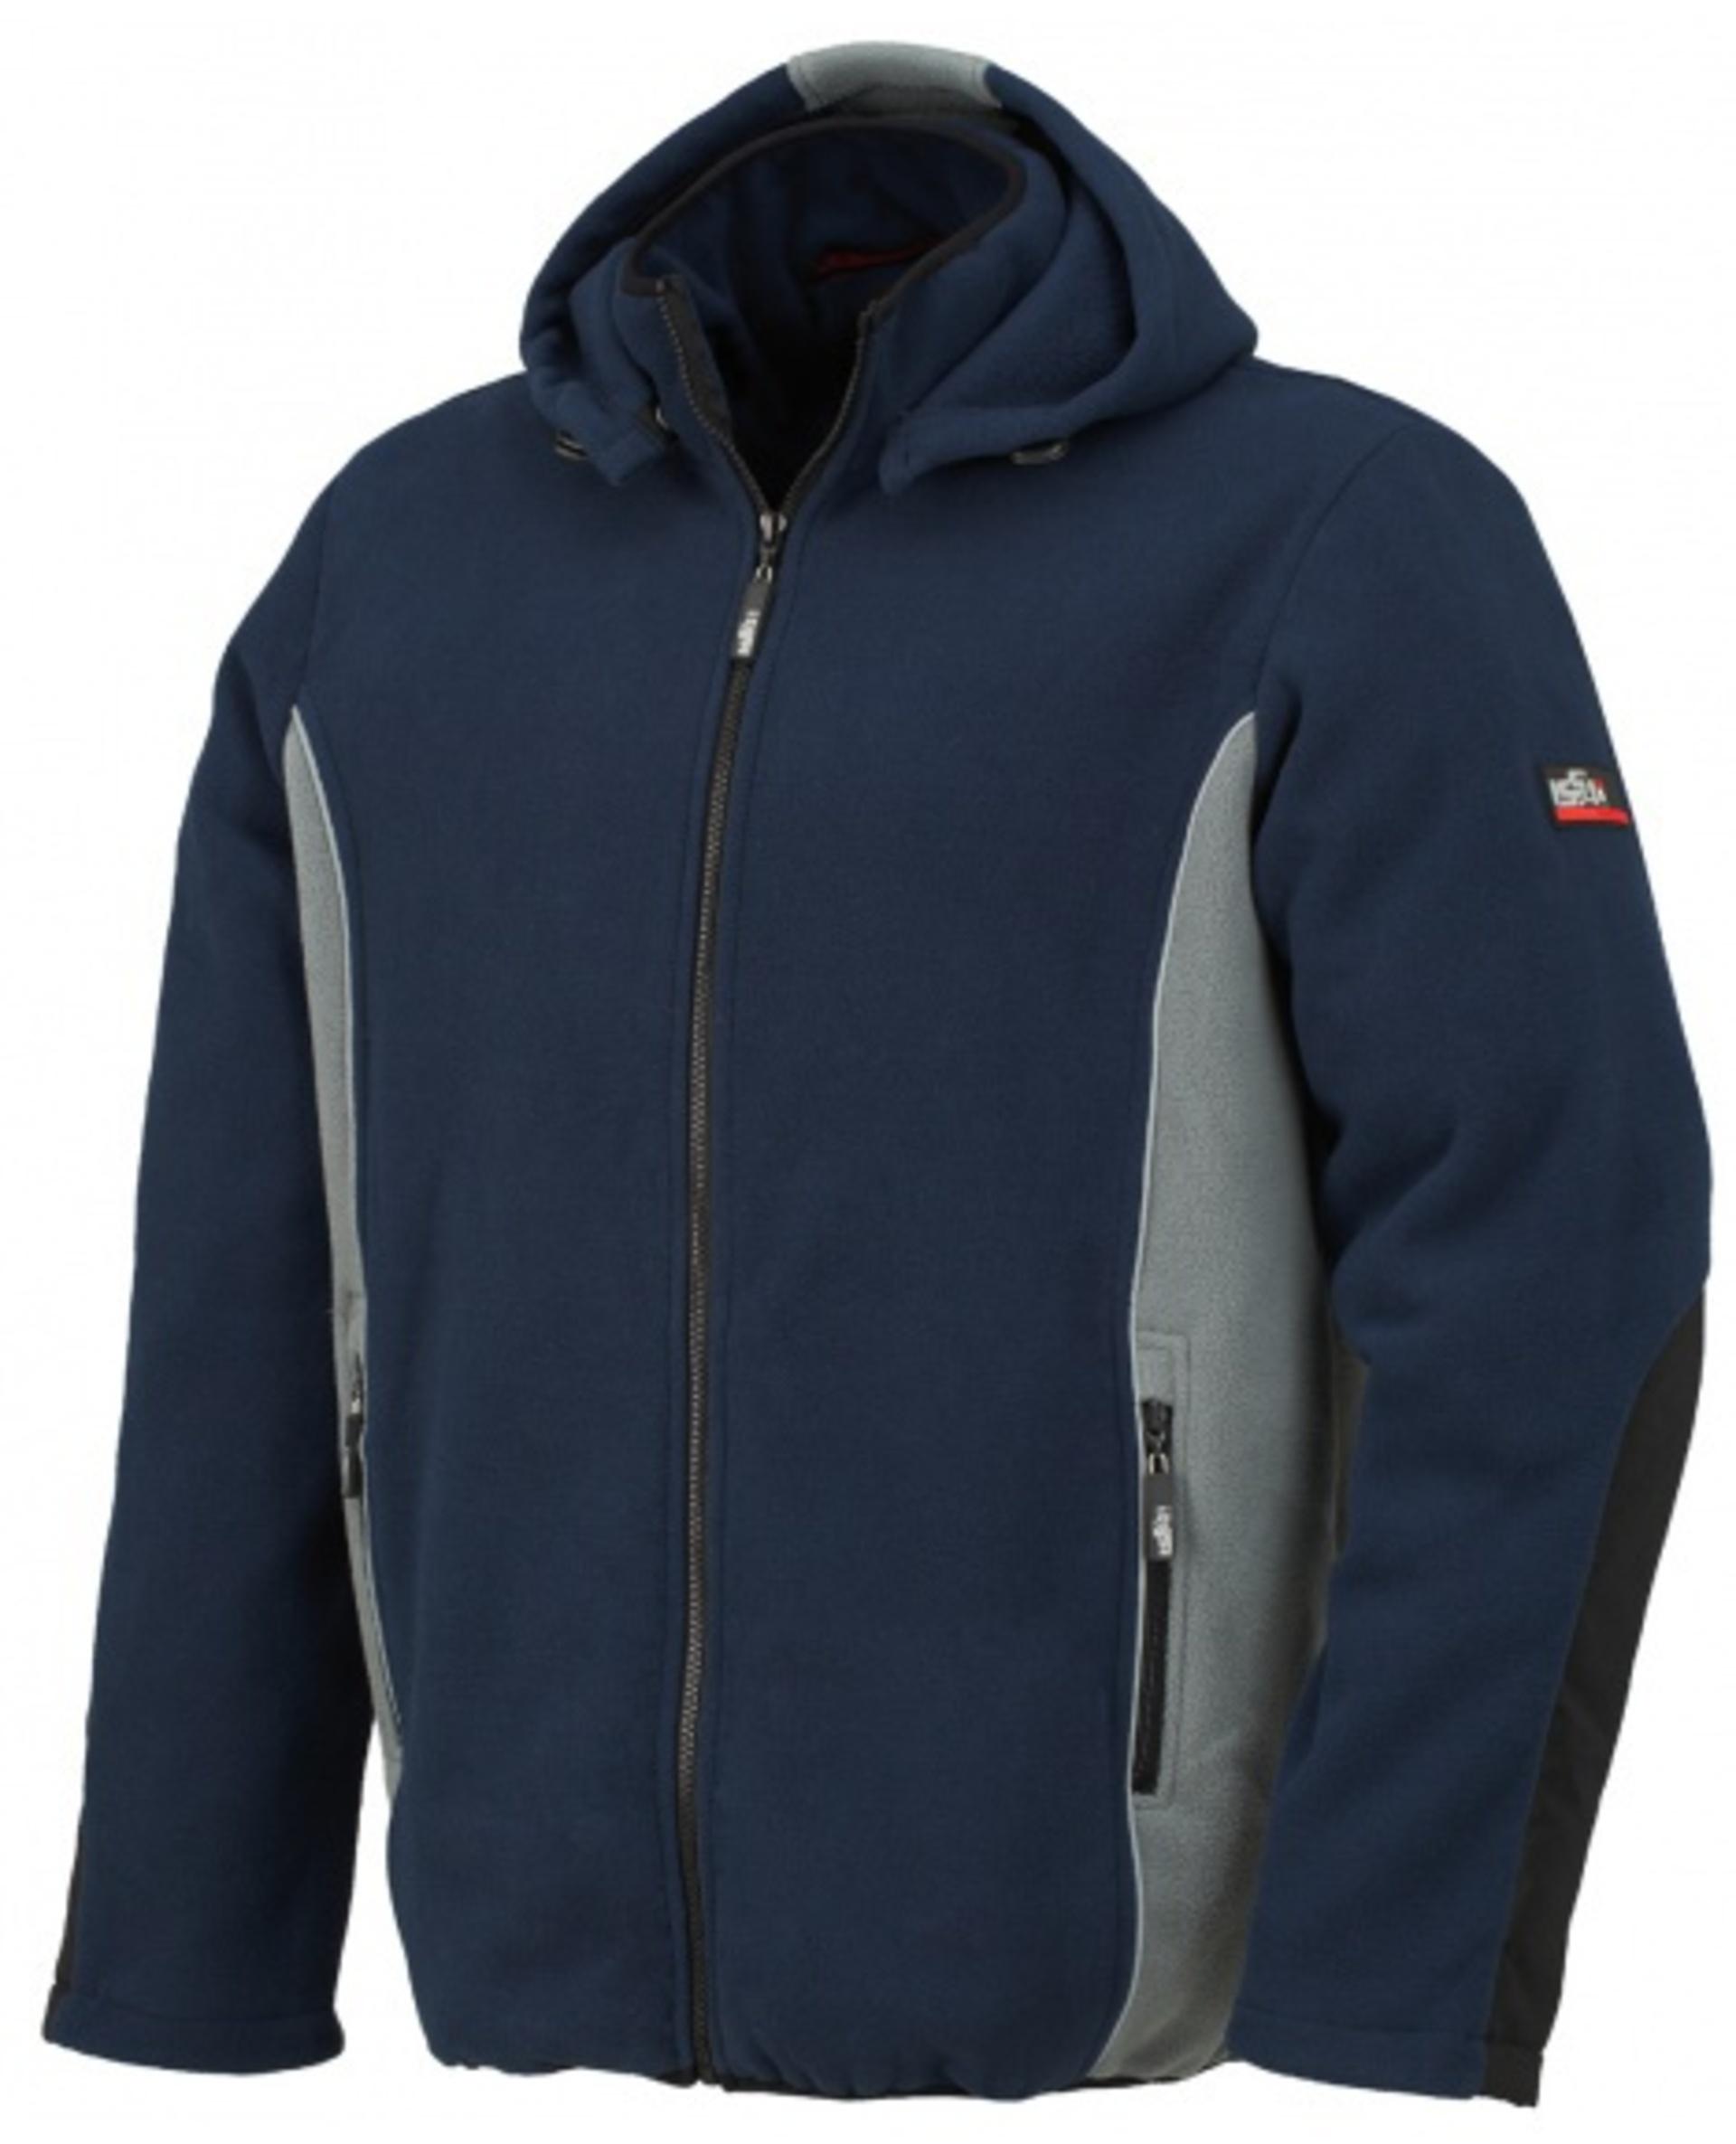 ISSA BOH fleecová Mikina modrá/šedá XL + Bezplatné vrácení zboží